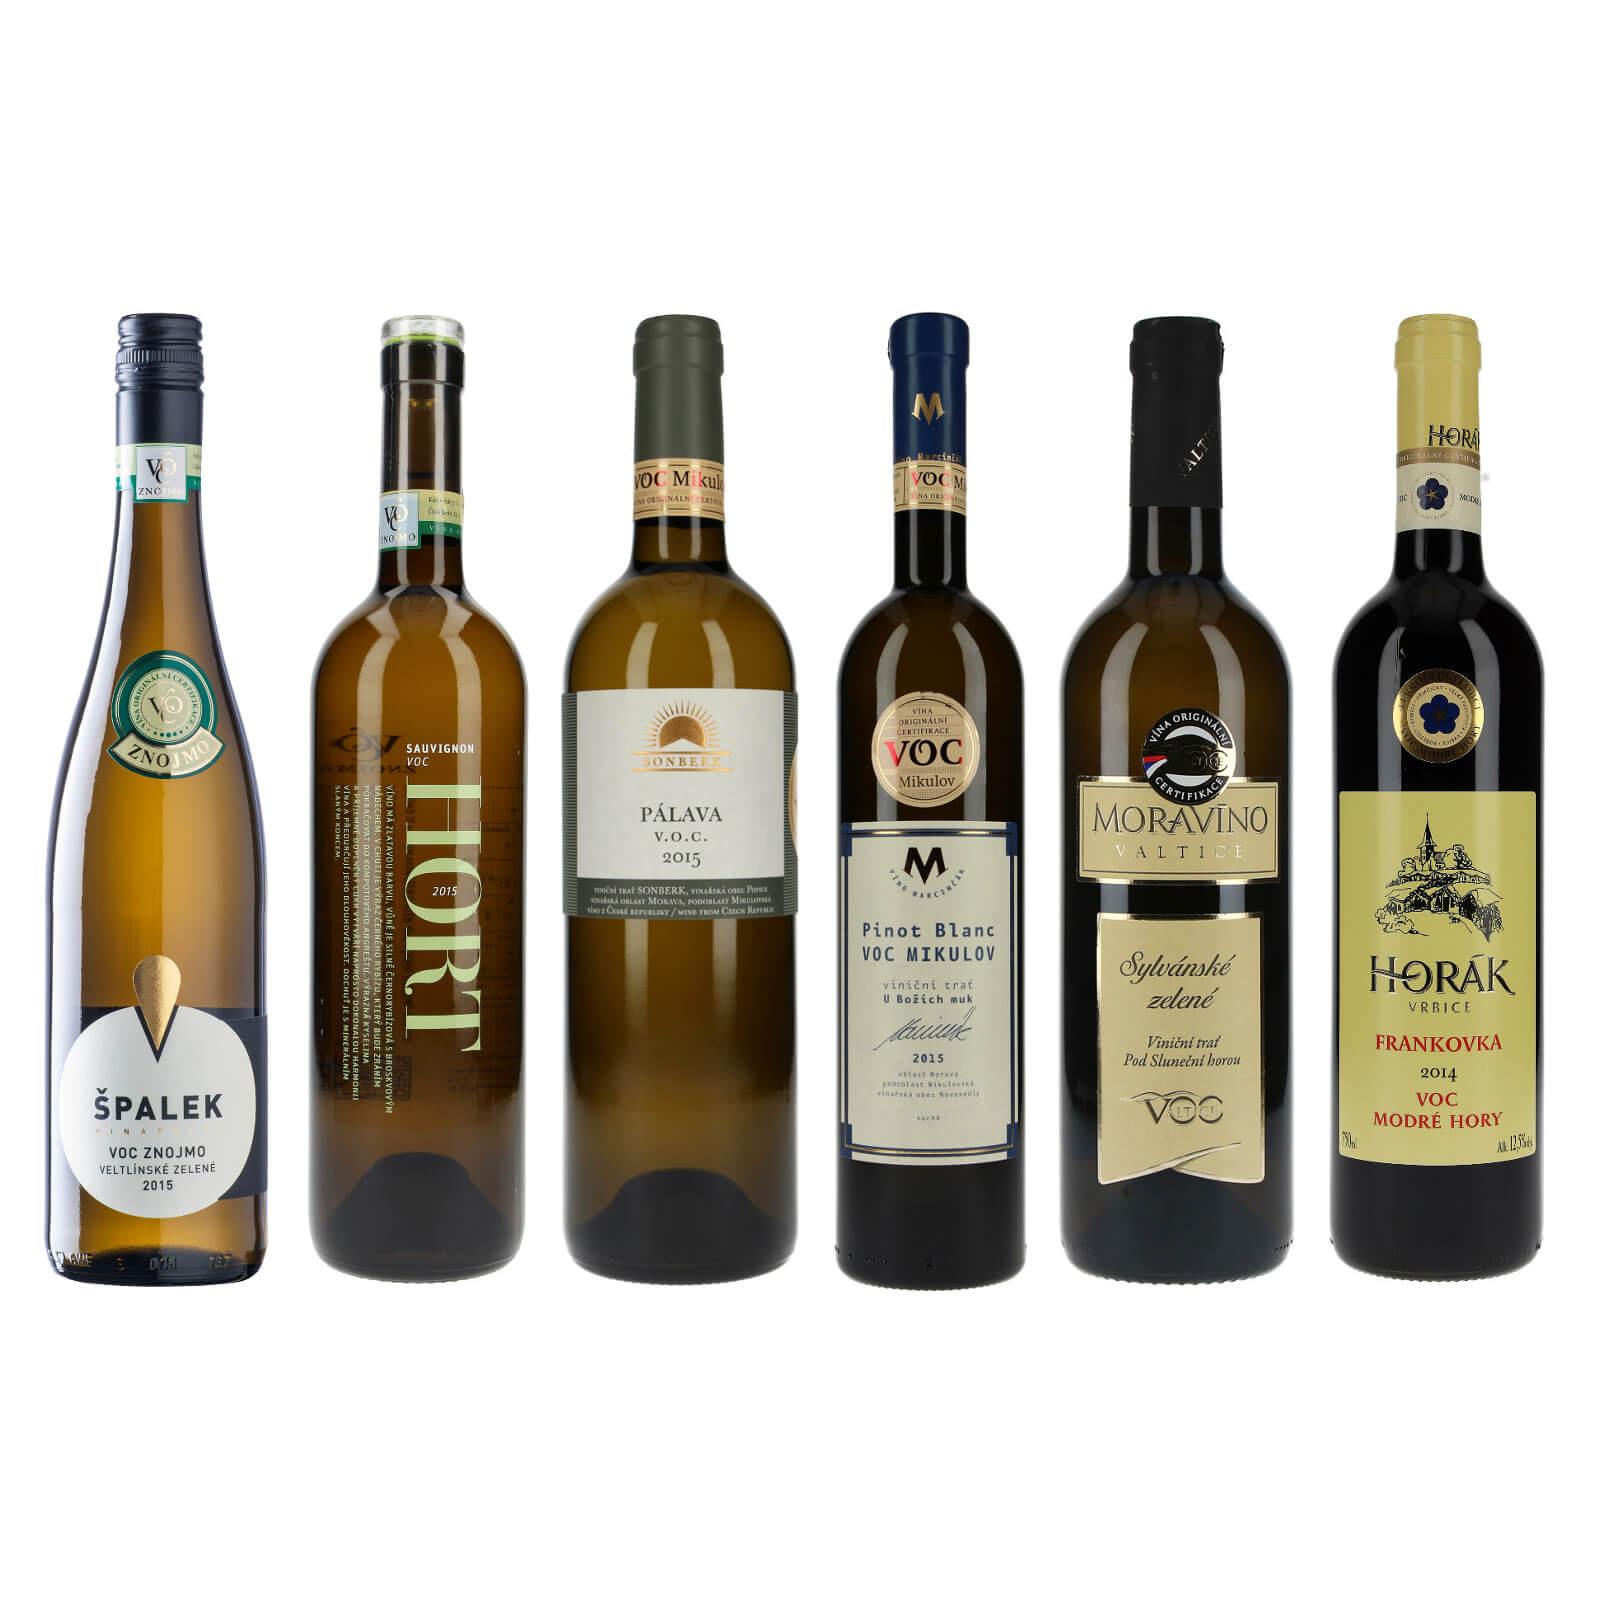 Náš výběr z VOC, vína typická pro danou oblast